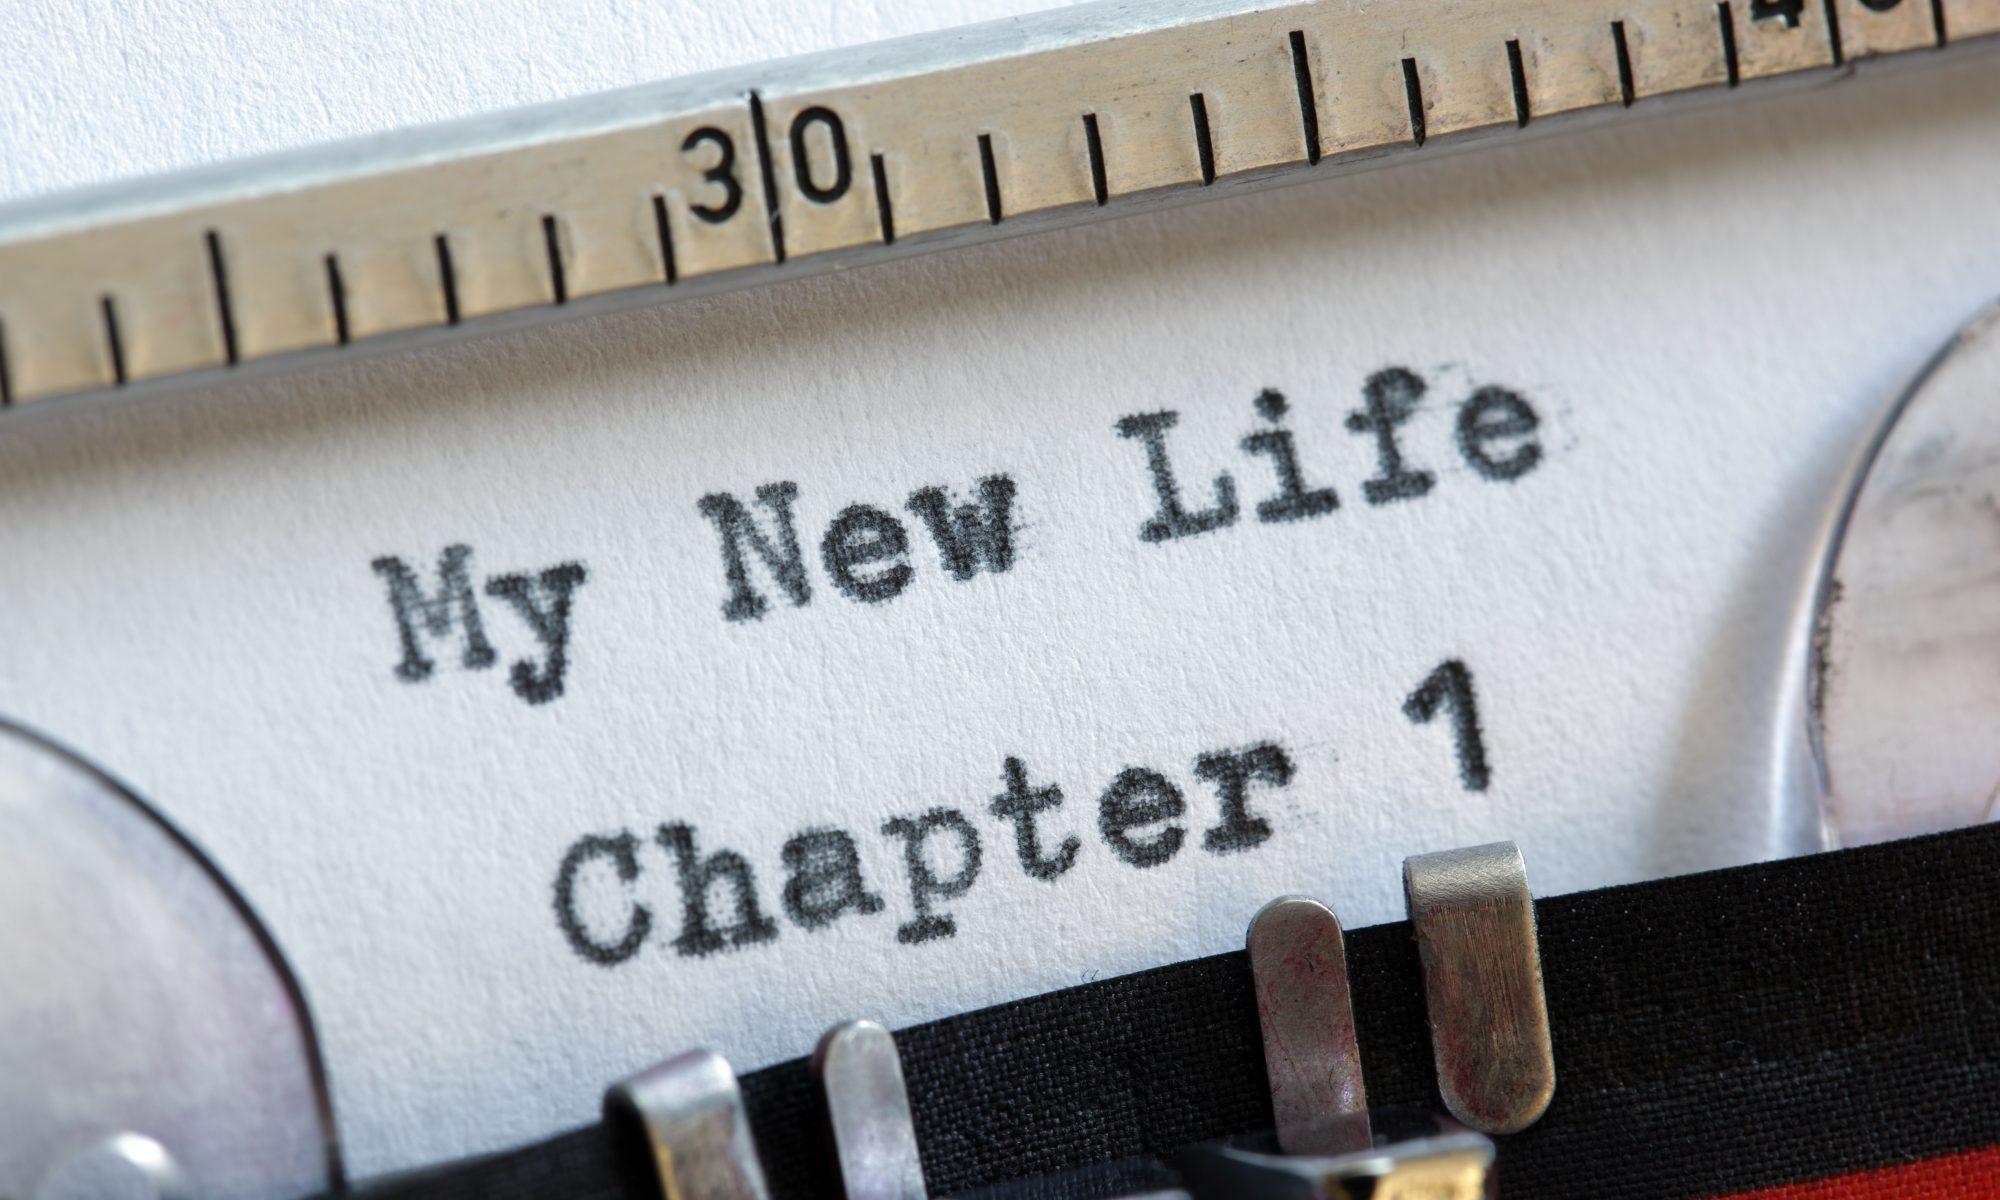 My new life Chapter 1 - Vorsätze auf der Schreibmaschine getippt